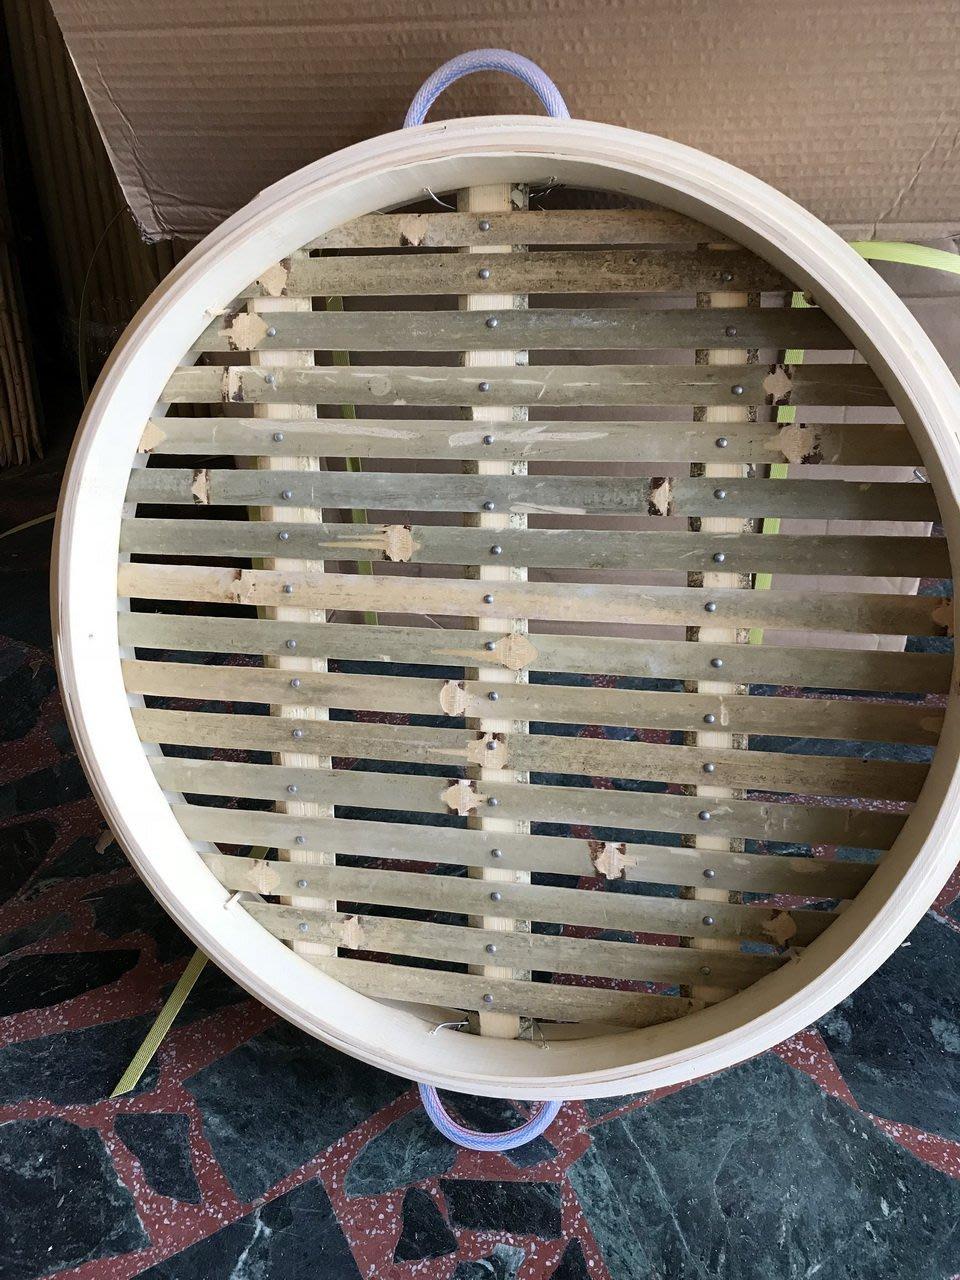 肉圓蒸籠底--外直徑1尺8寸半*高8寸半(S72-33-056-10